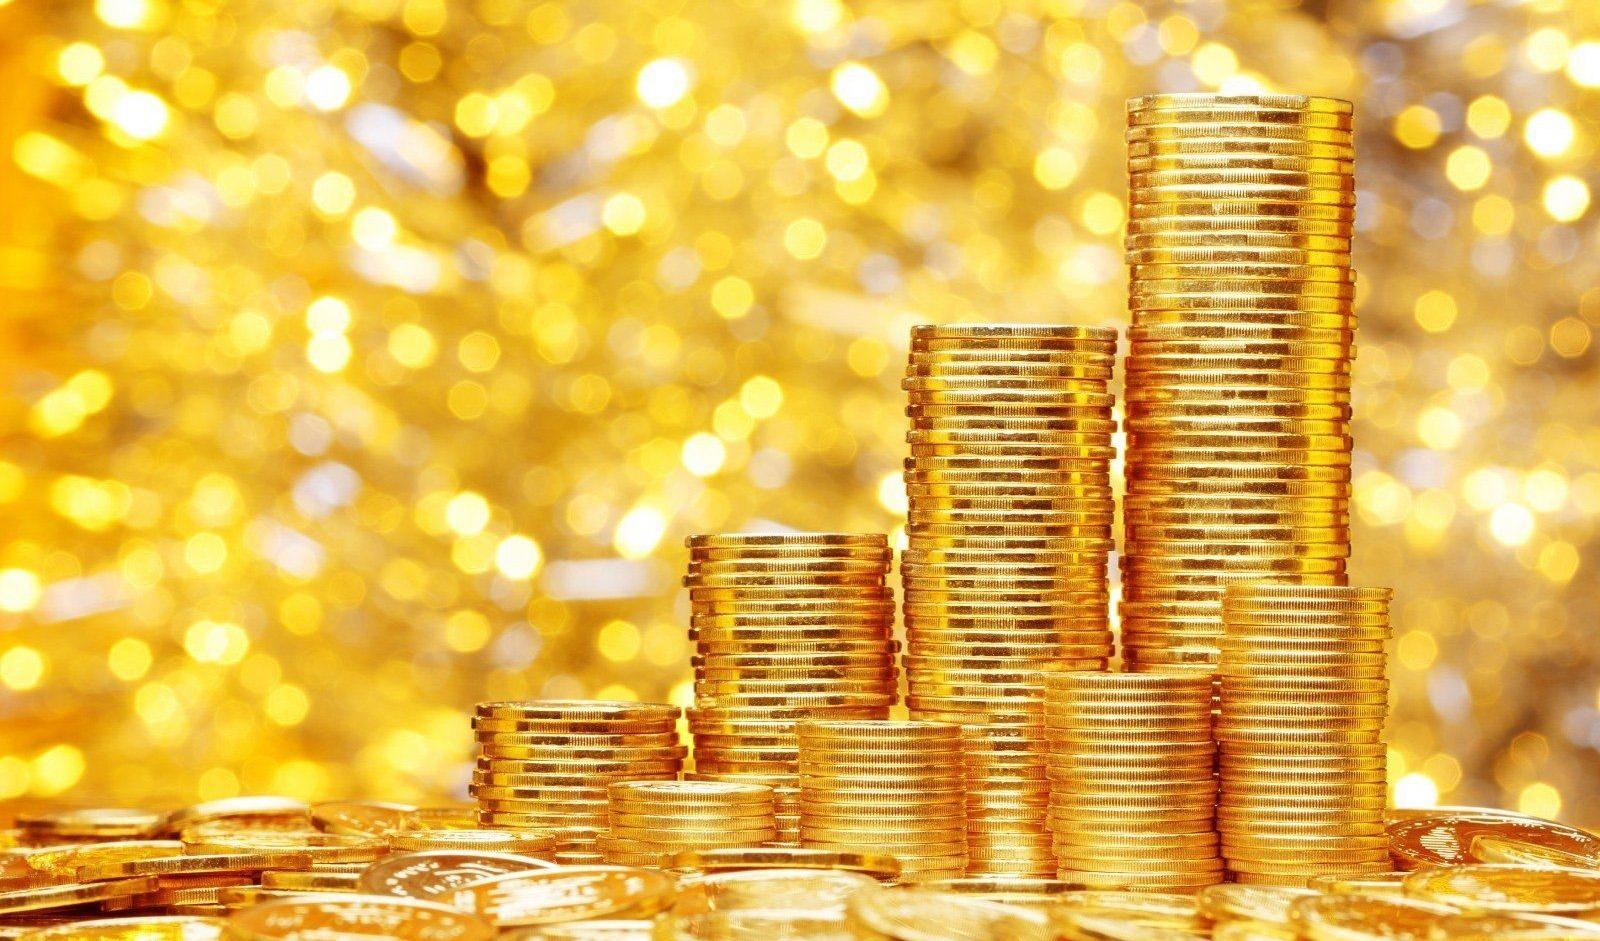 پیشبینی یک فعال صنفی از قیمت طلا/ طلا ارزان میشود؟